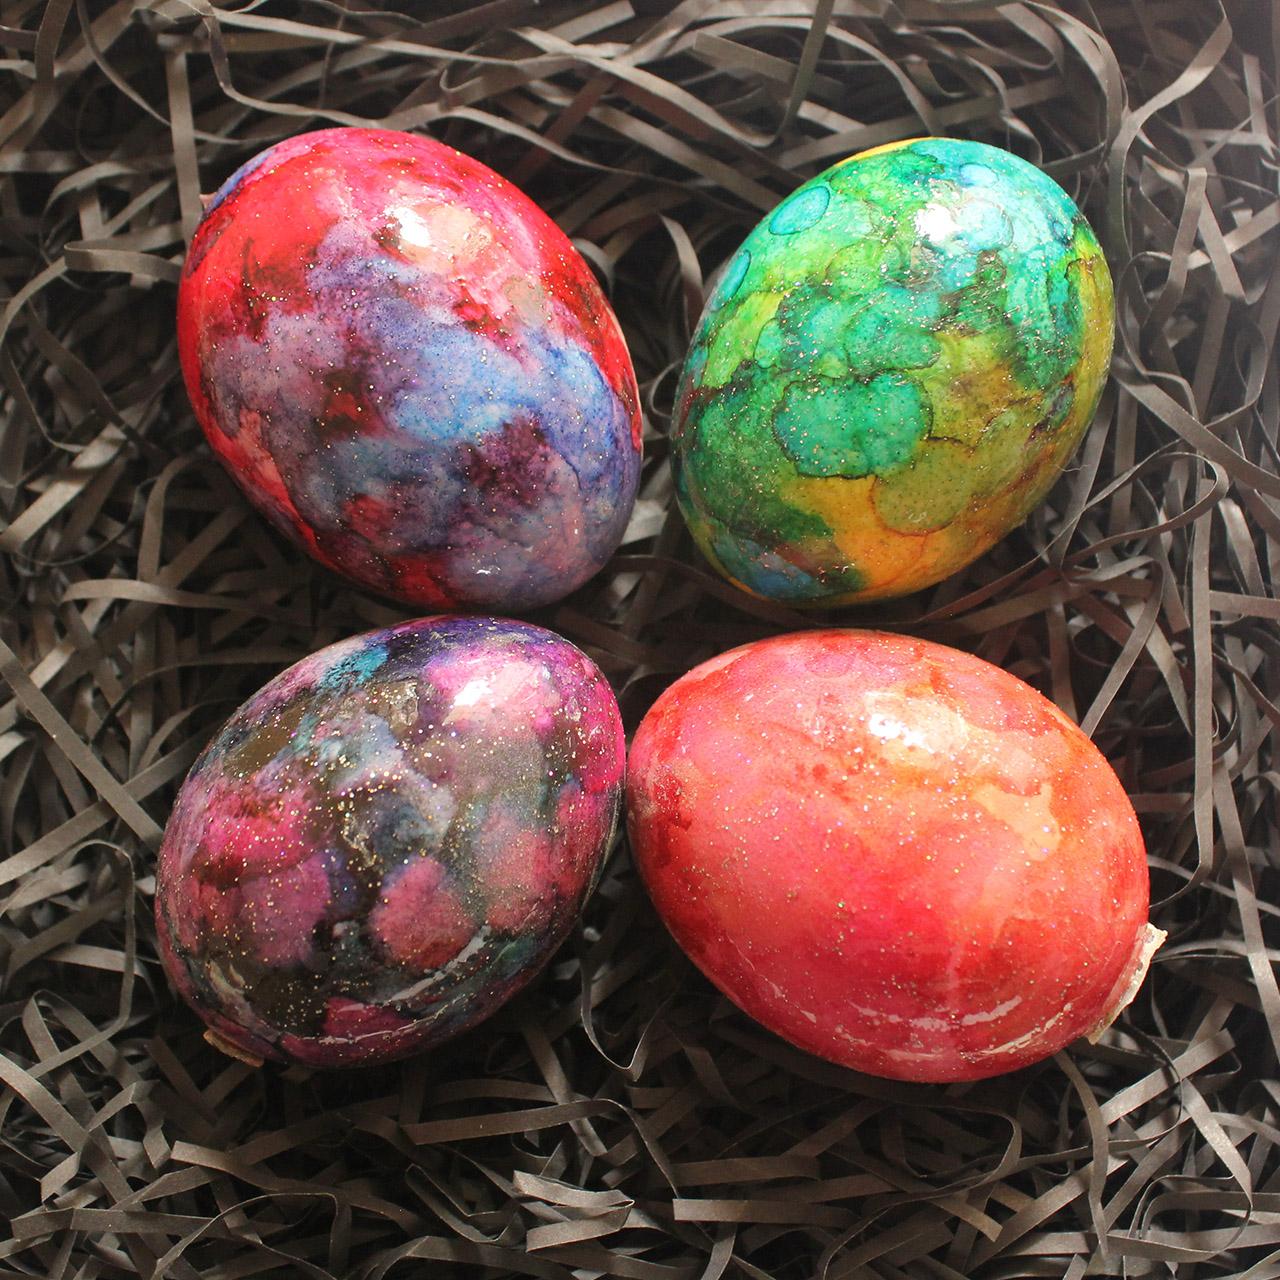 تخم مرغ تزیینی مدل کهکشان